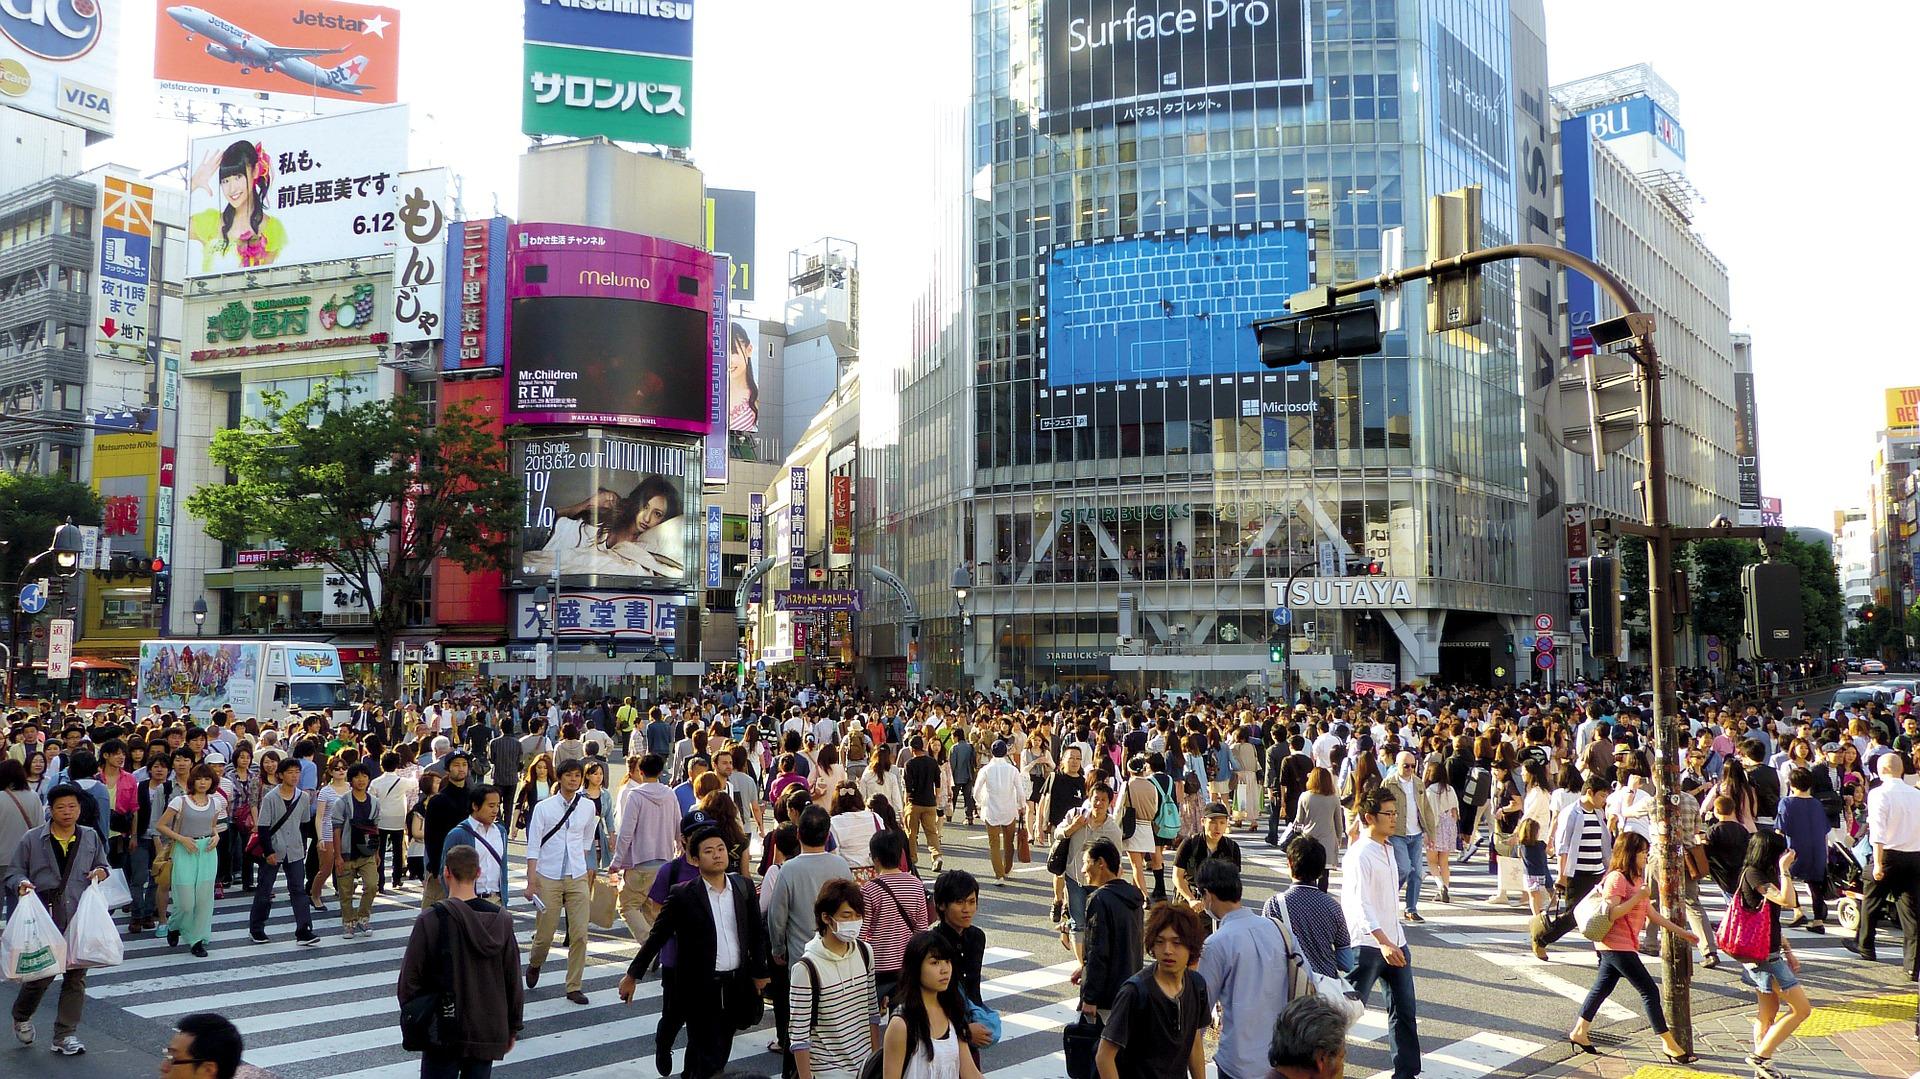 shibuya (1).jpg